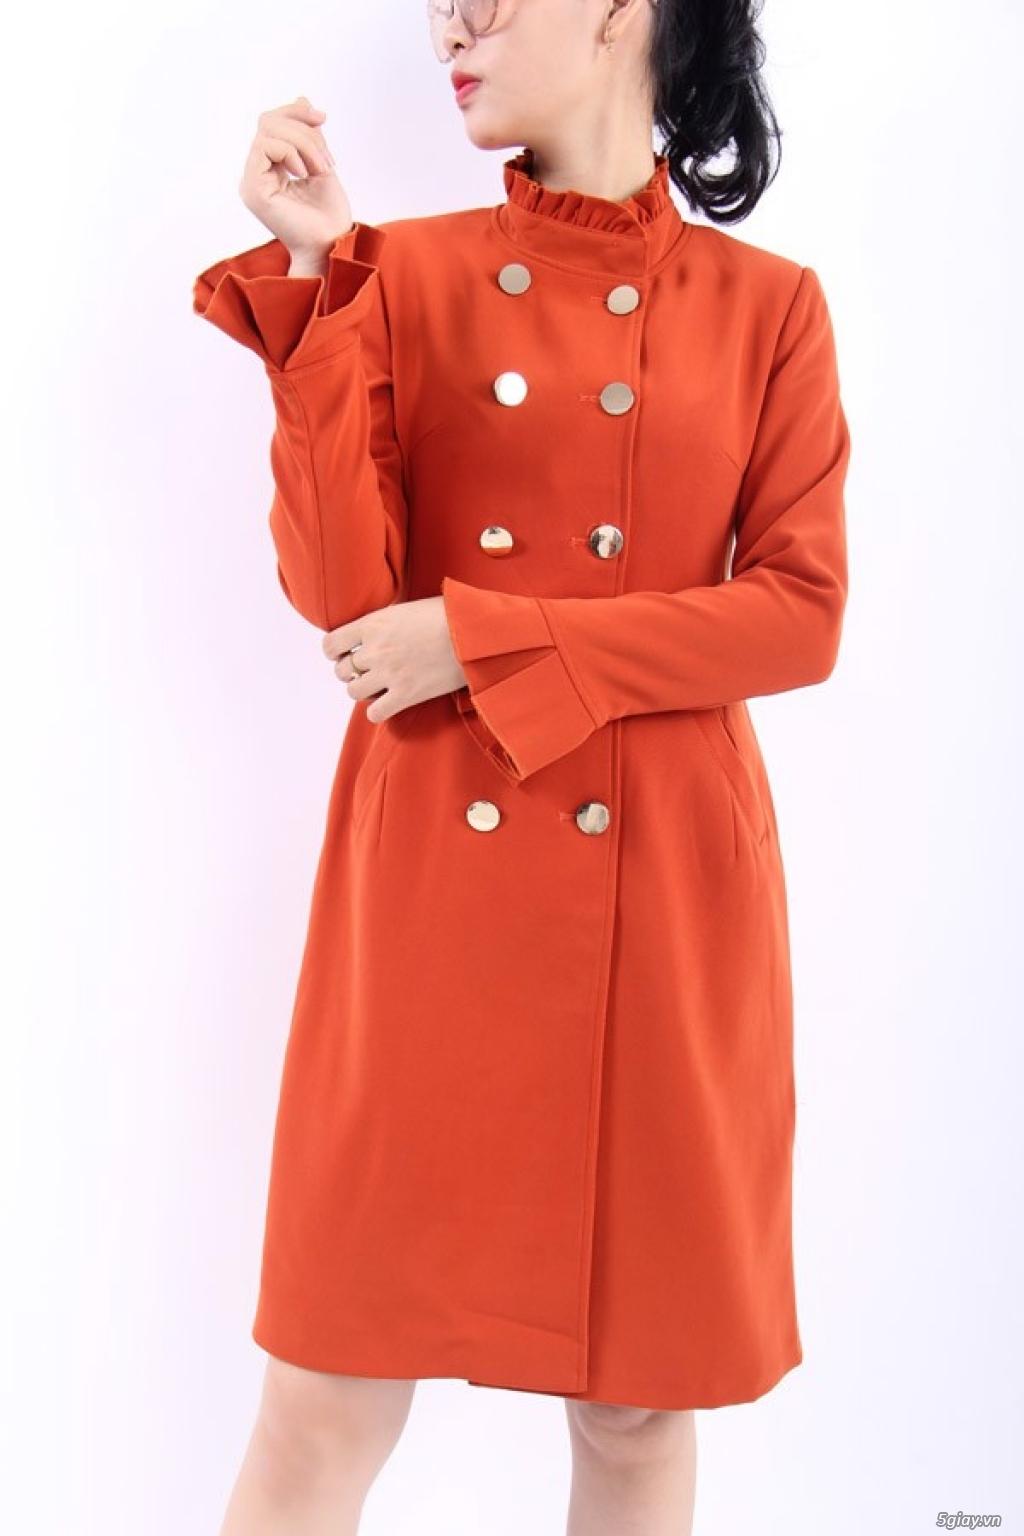 Wal House Fashion - Thương Hiệu Việt - Kiểu dáng đa dạng - 20